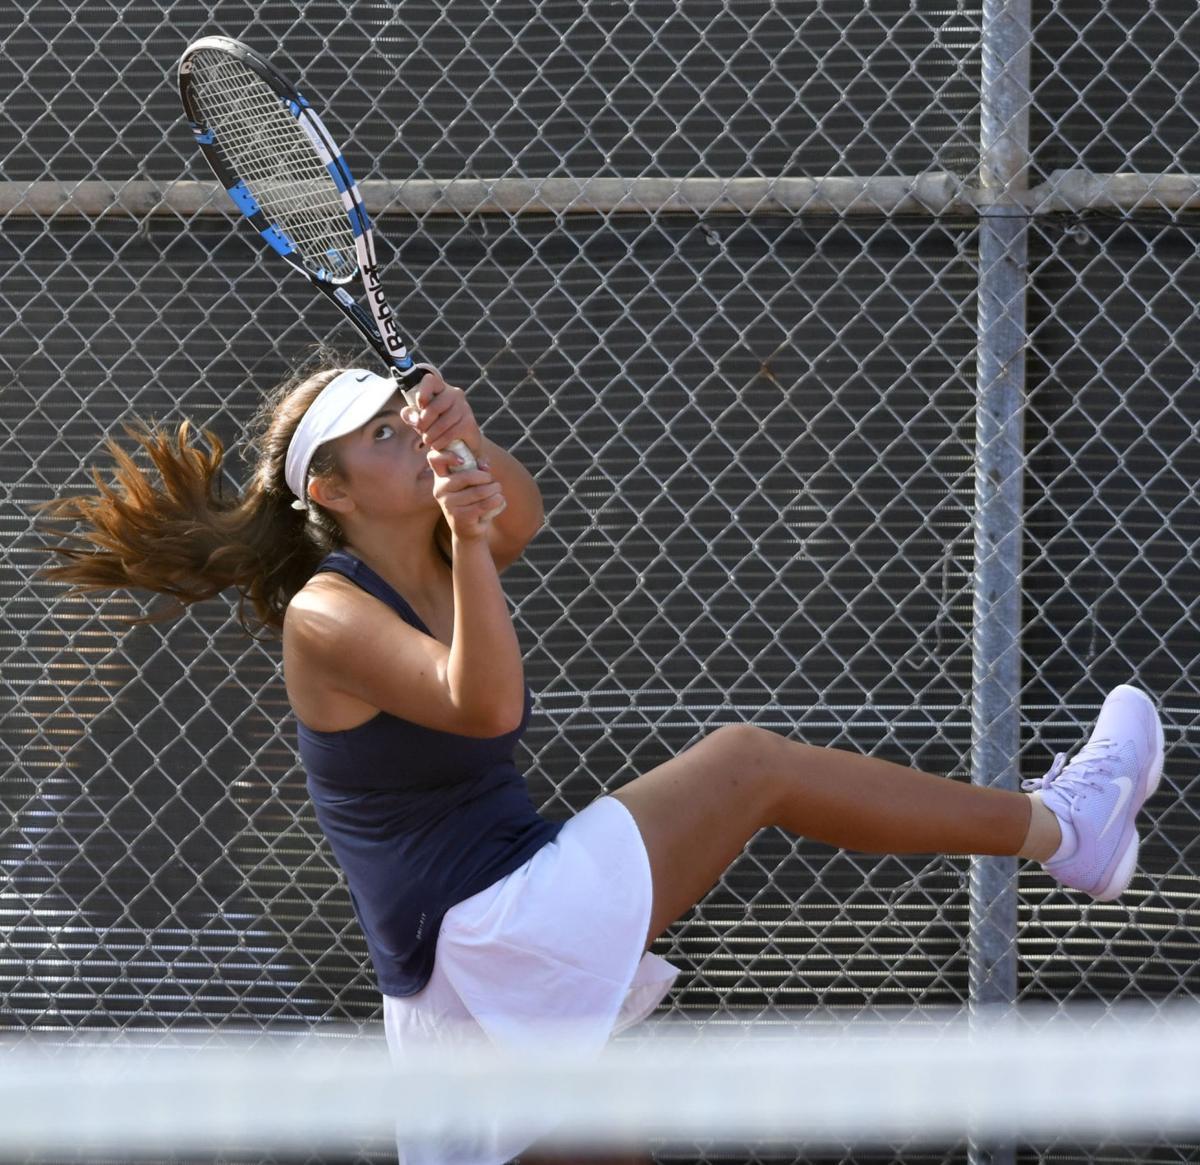 101917 Orcutt Cabrillo tennis 09.jpg